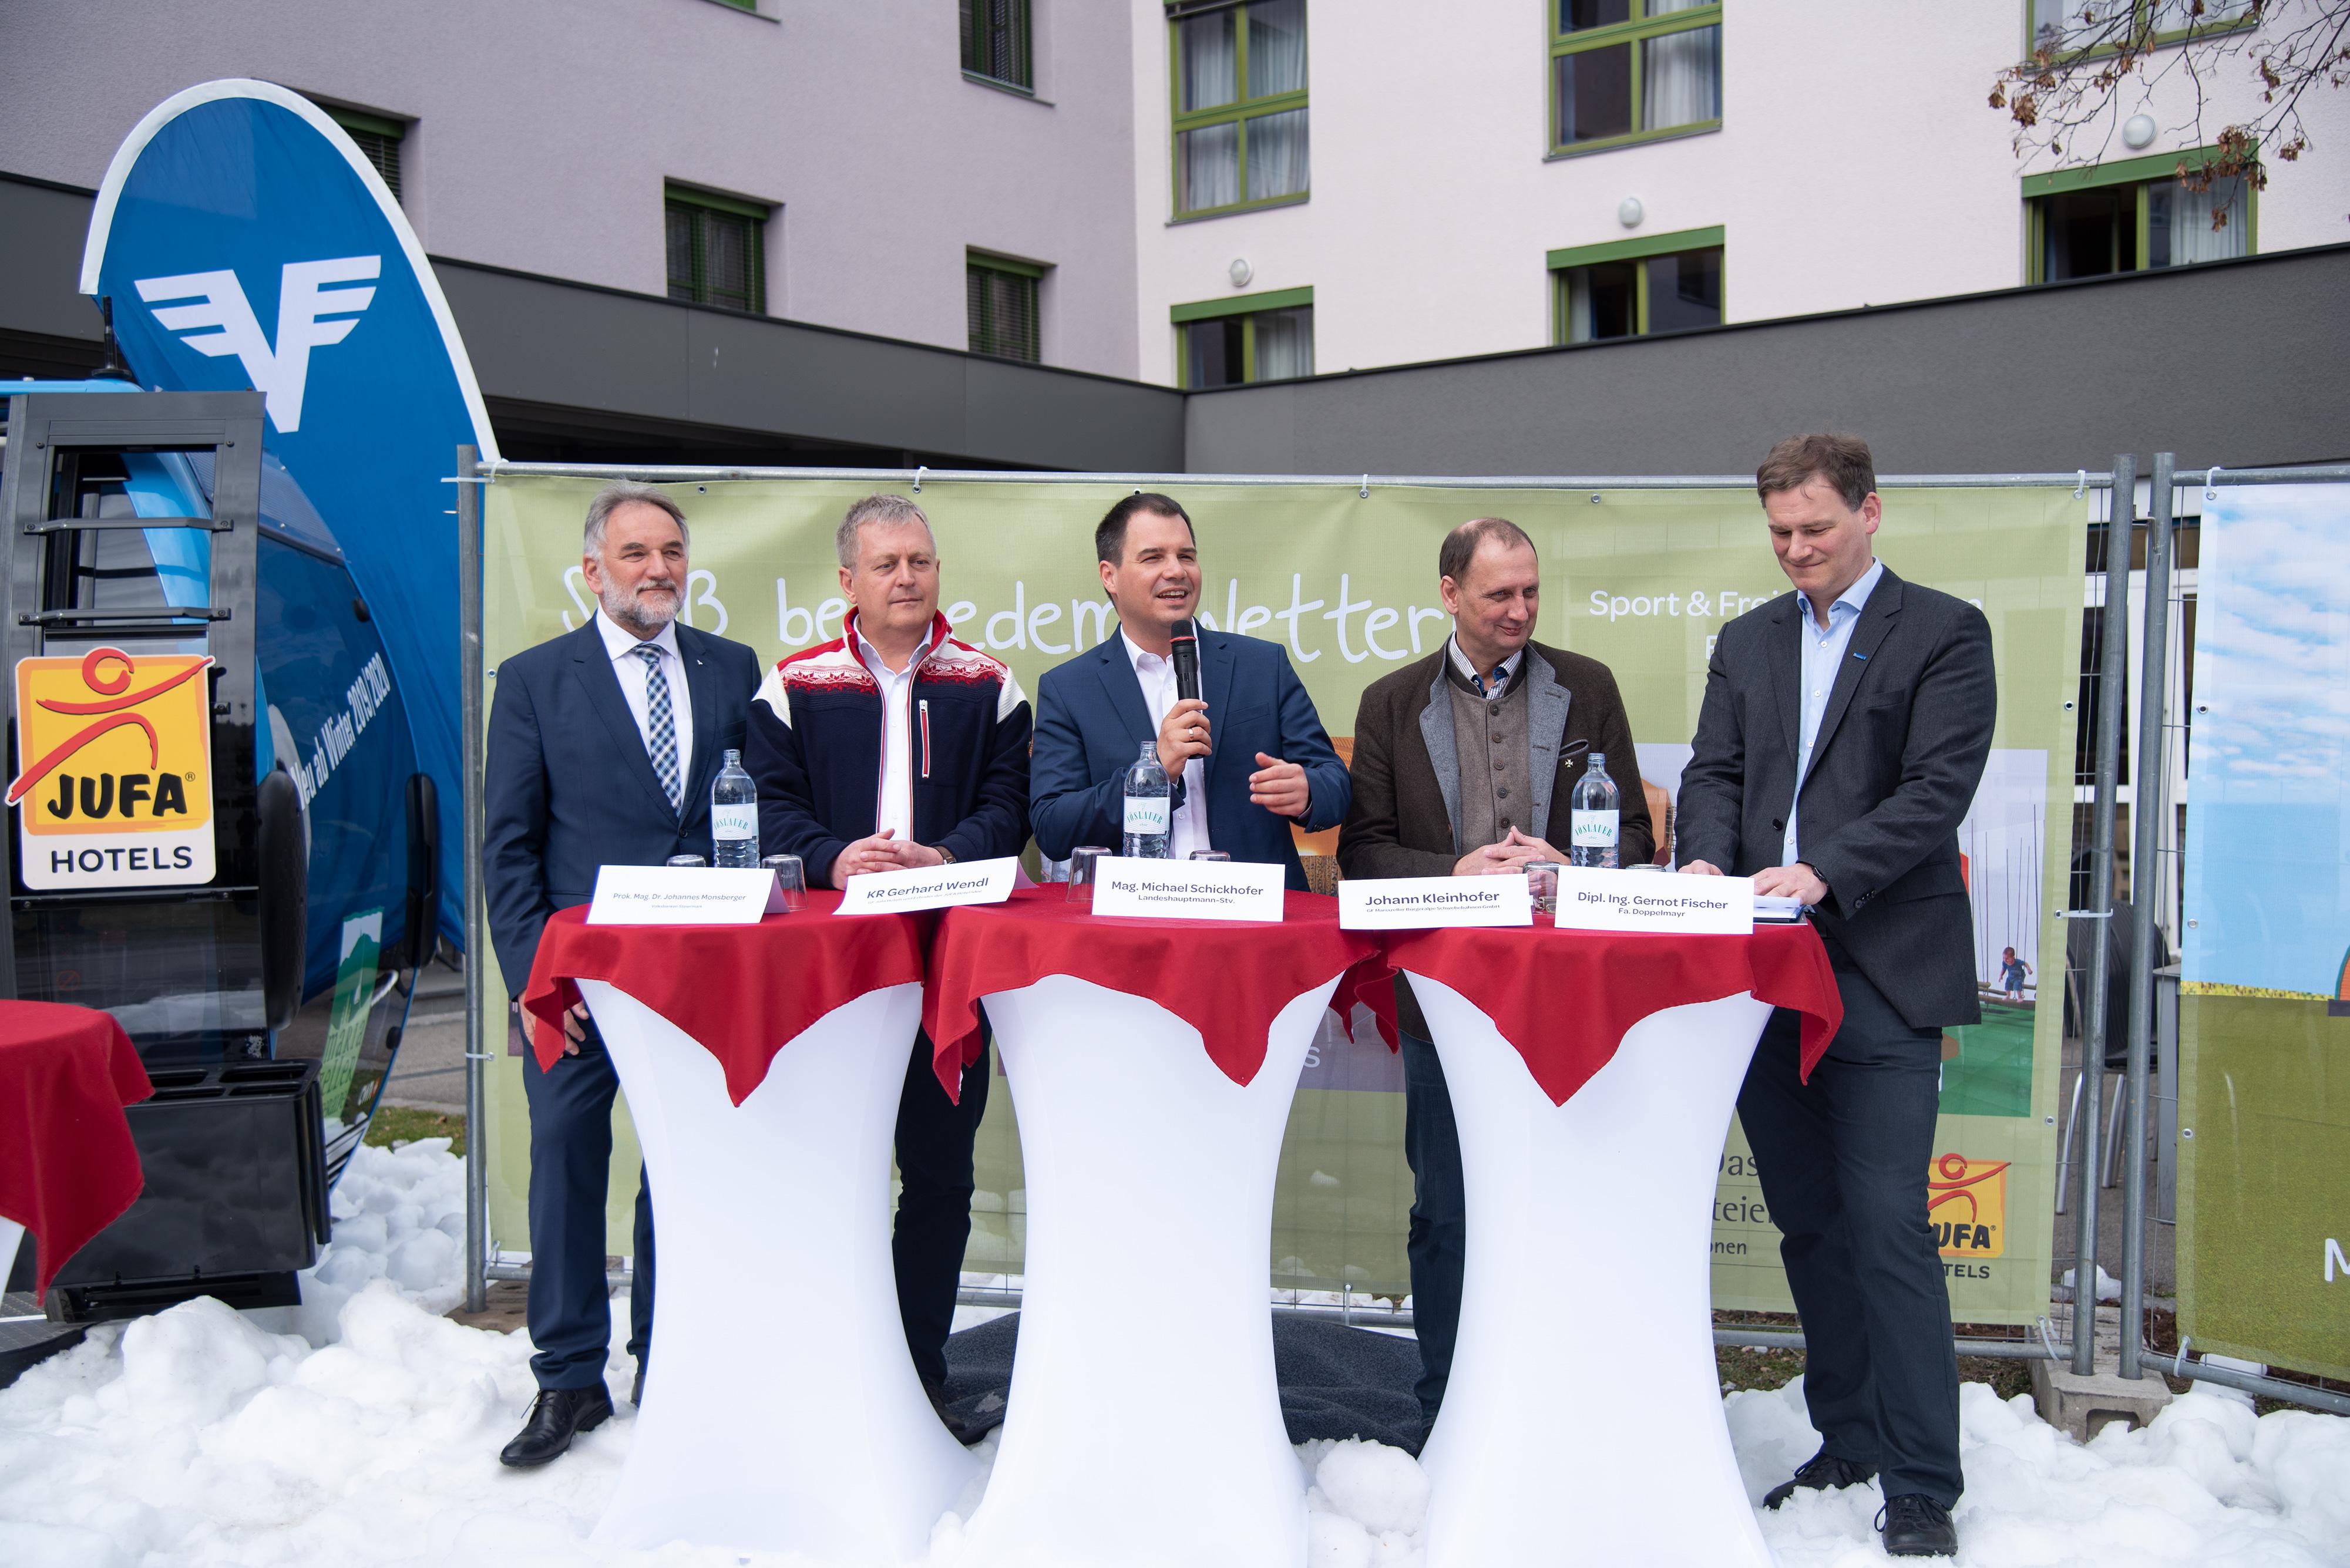 PK Bürgeralpe v.l.n.r.: Johannes Monsberger, Gerhard Wendl, Michael Schickhofer, Johann Kleinhofer, Gernot Fischer